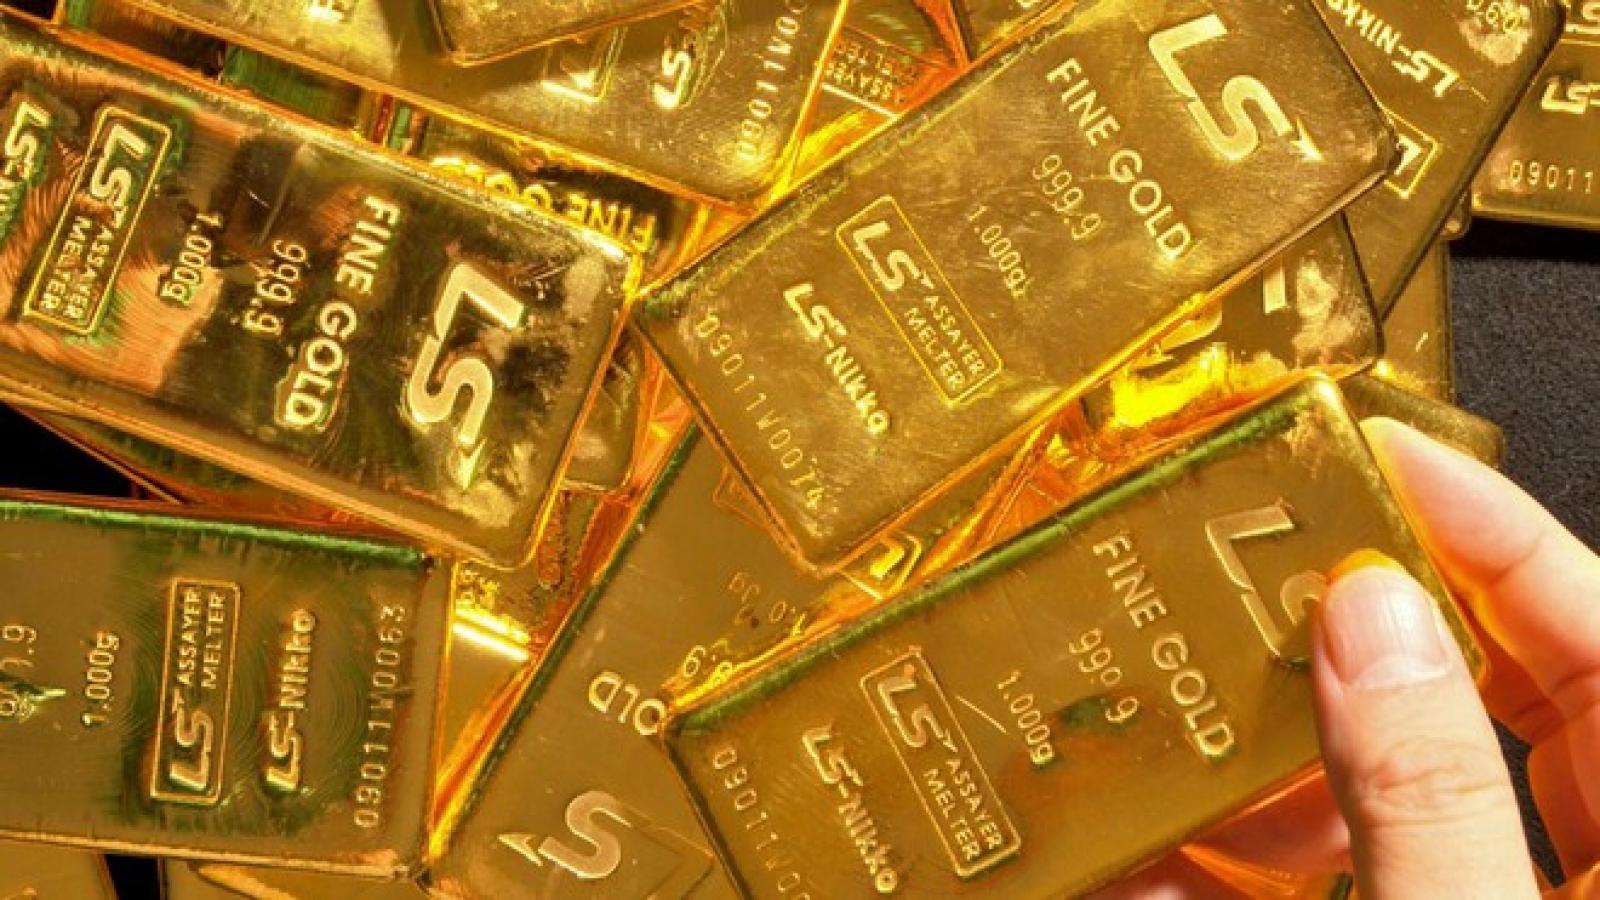 Giá vàng trong nước và thế giới cùng giảm